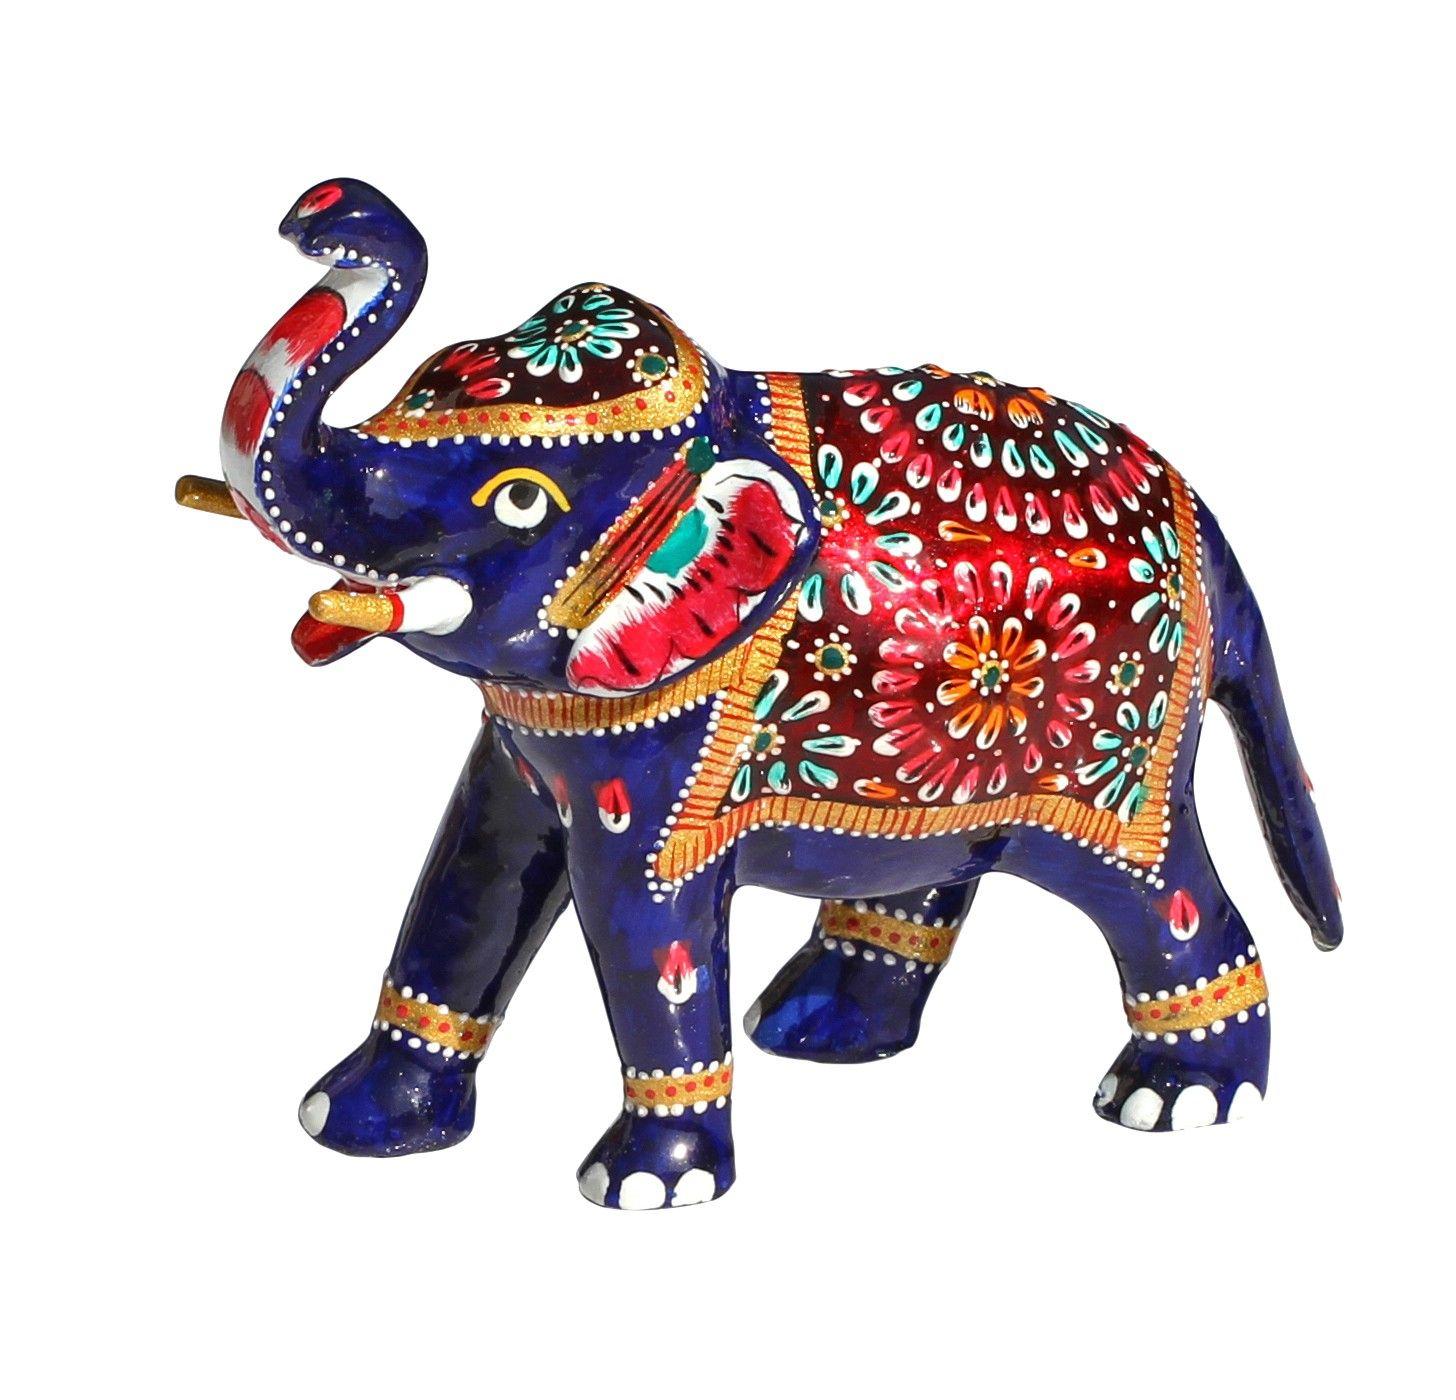 Bejeweled Elephant Elephants Decor